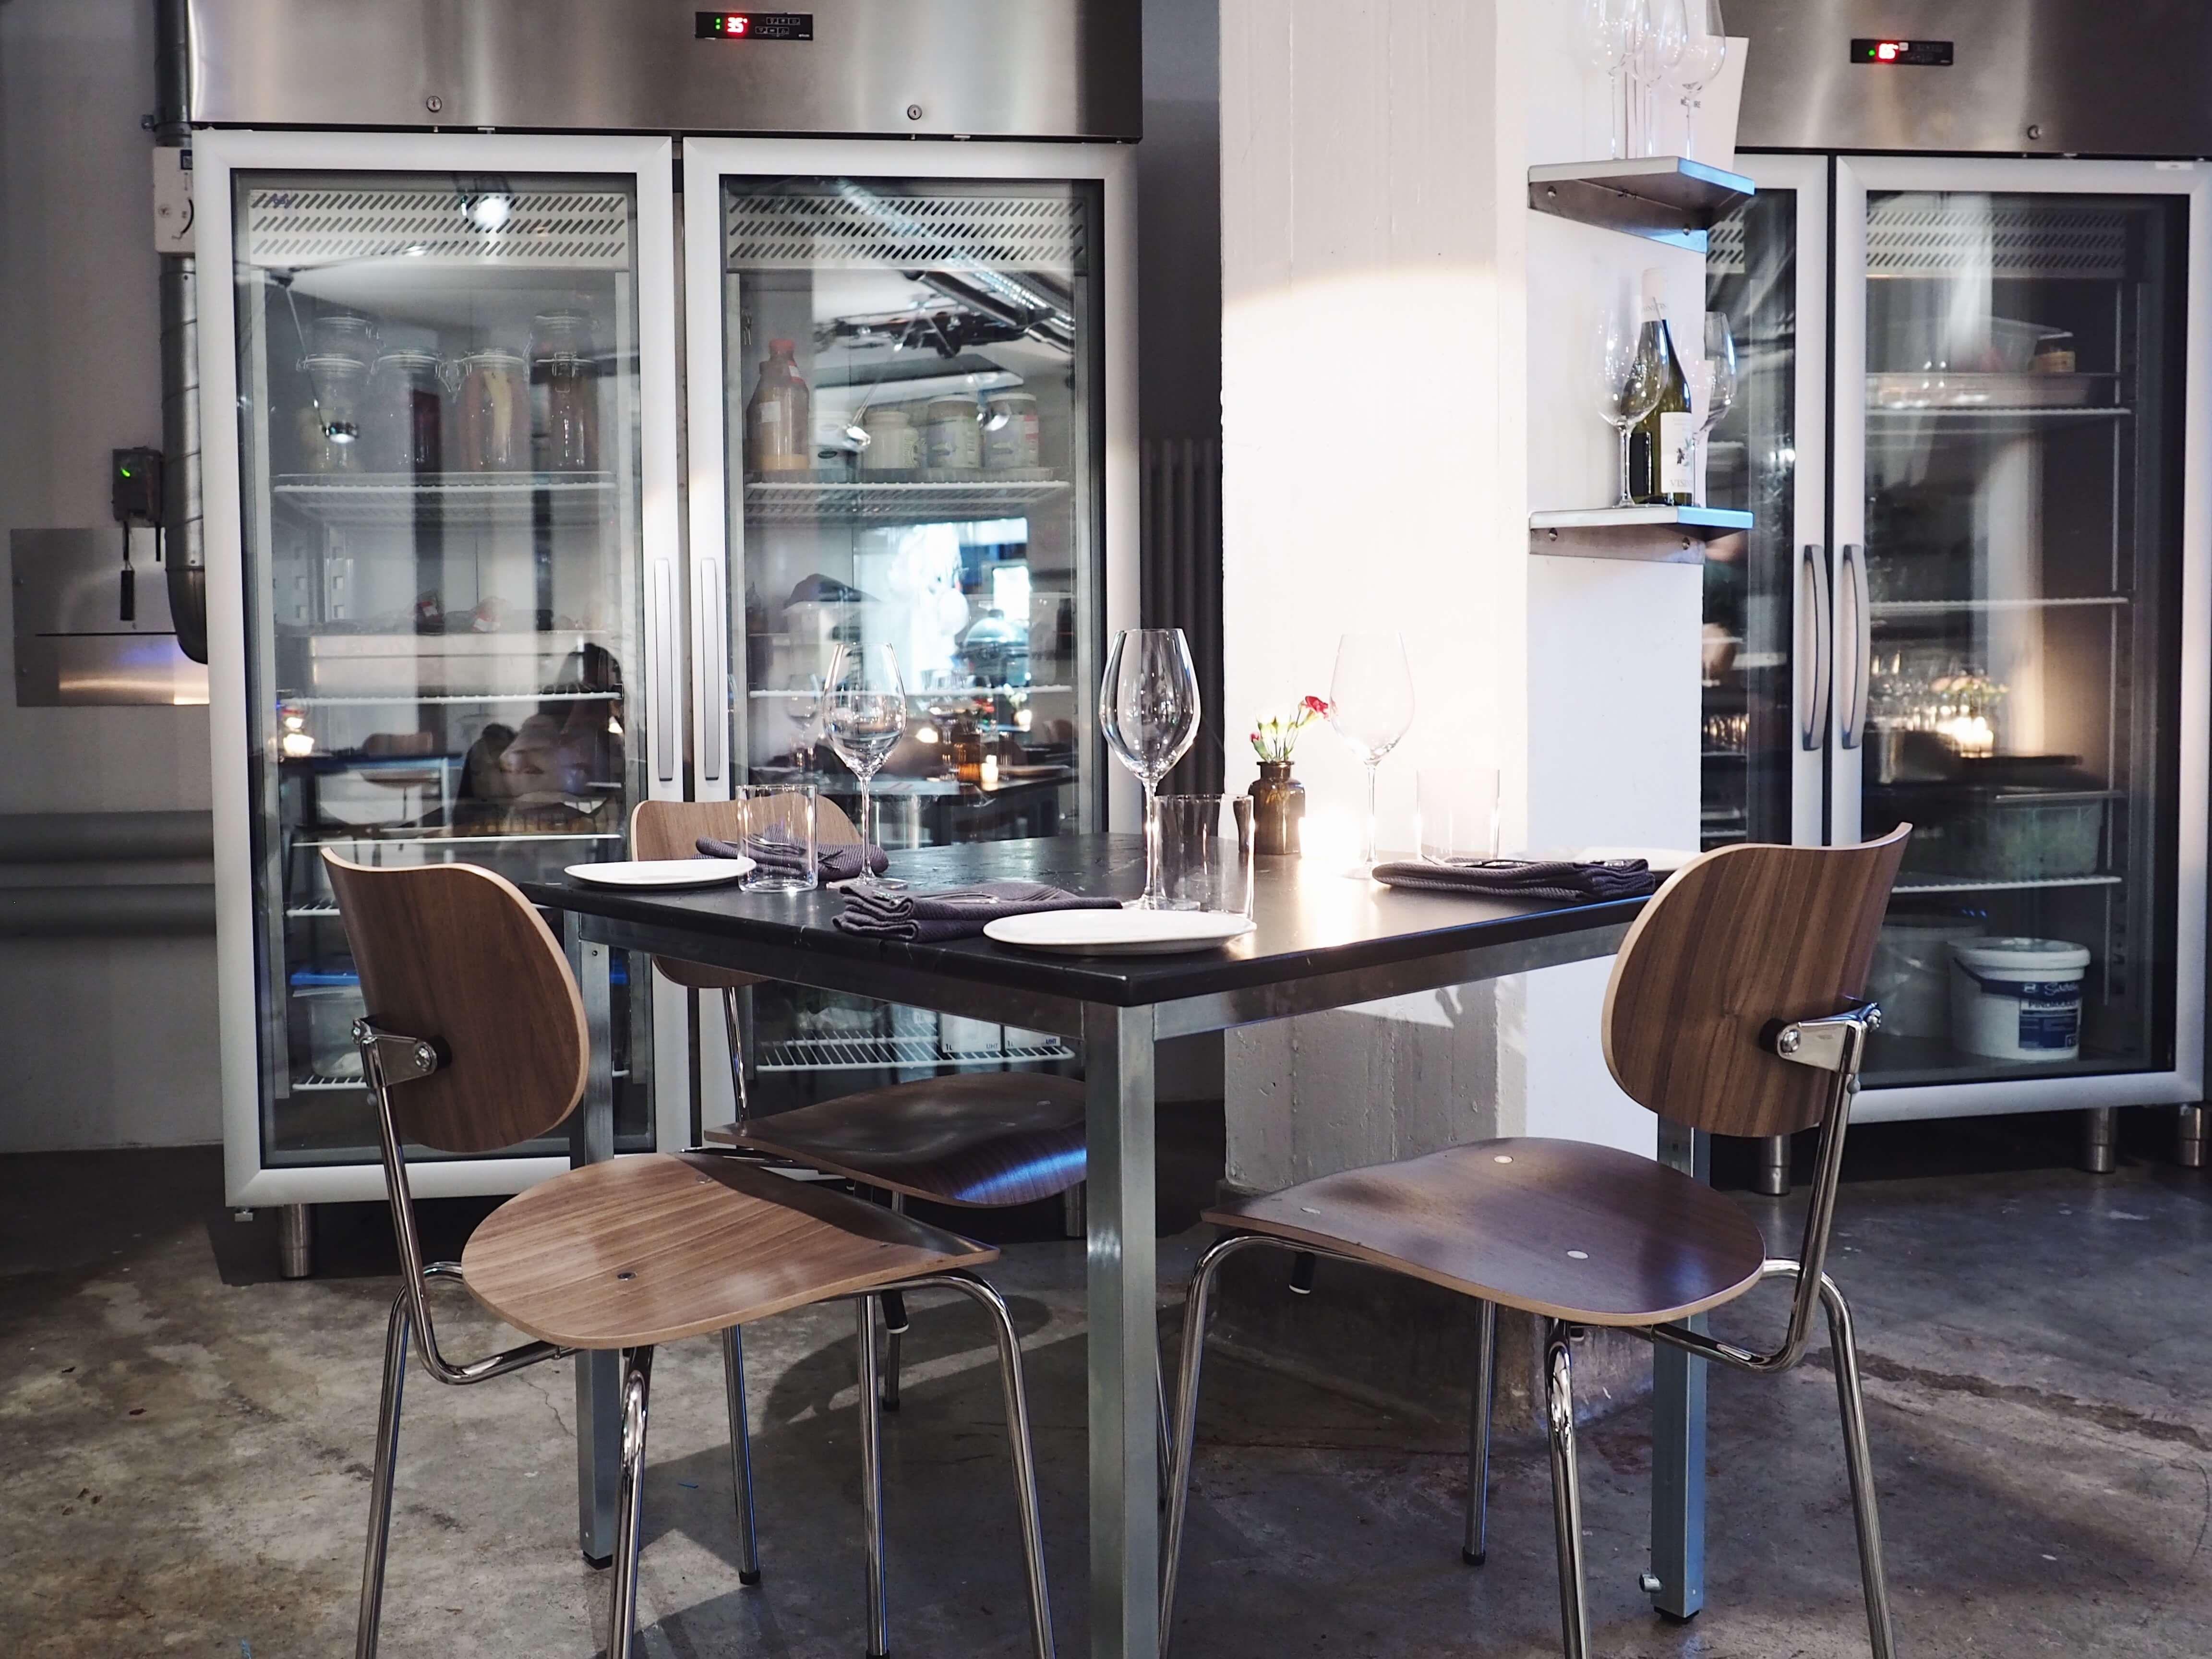 Ziemlich Großküchen Ausrüster Brisbane Zeitgenössisch - Ideen Für ...